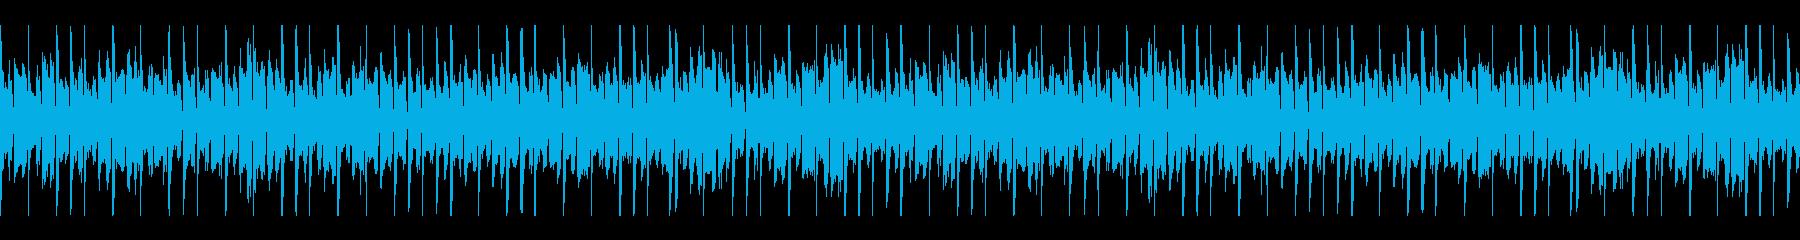 疾走感のあるループ BGMの再生済みの波形